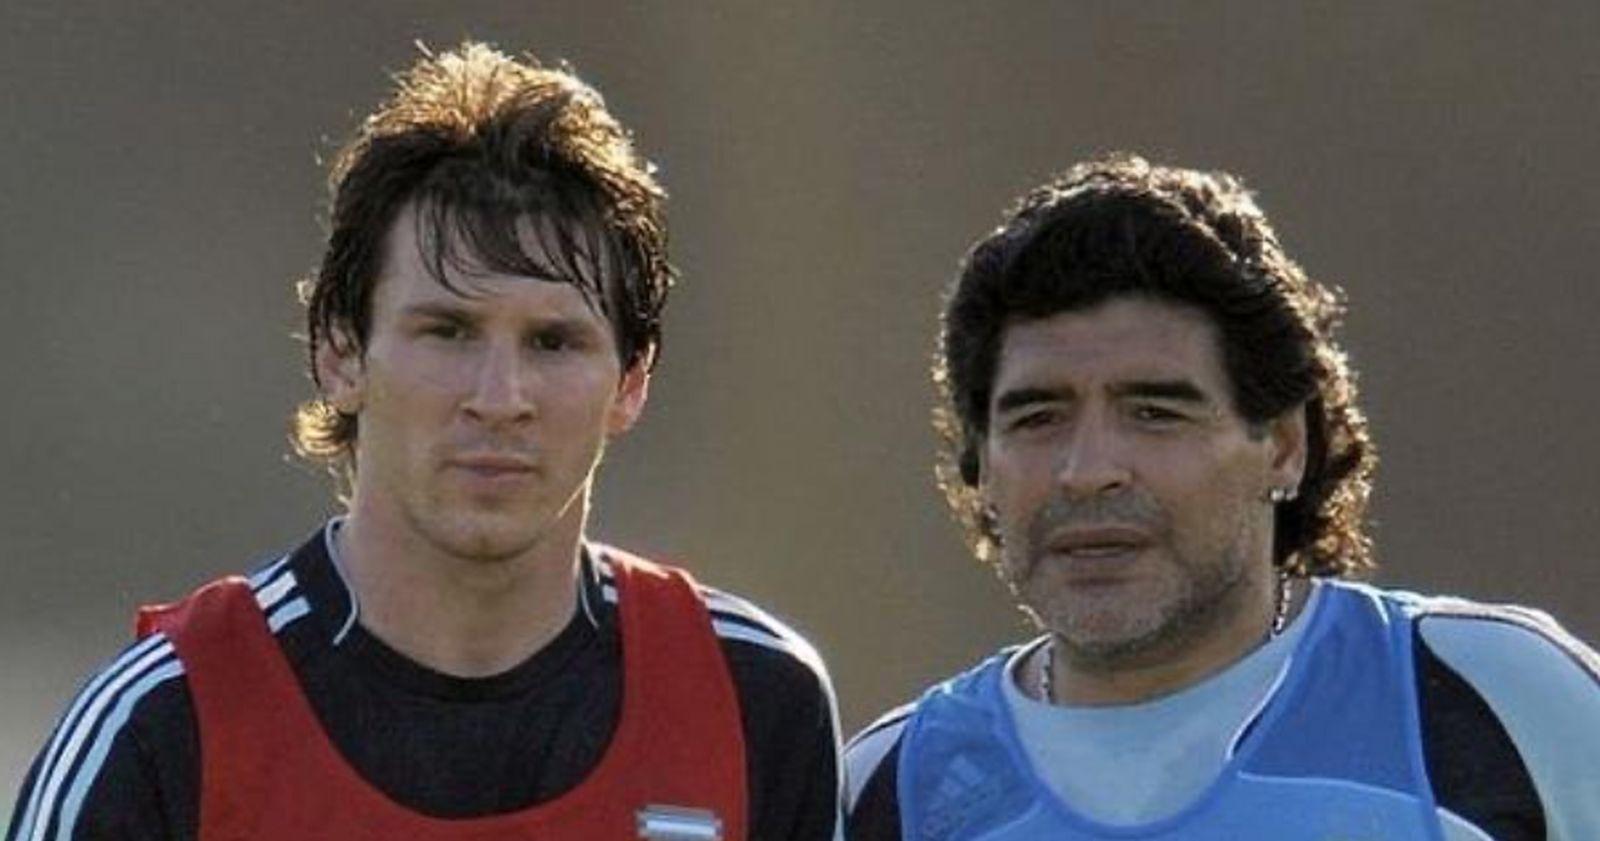 El mensaje de Messi a Maradona: